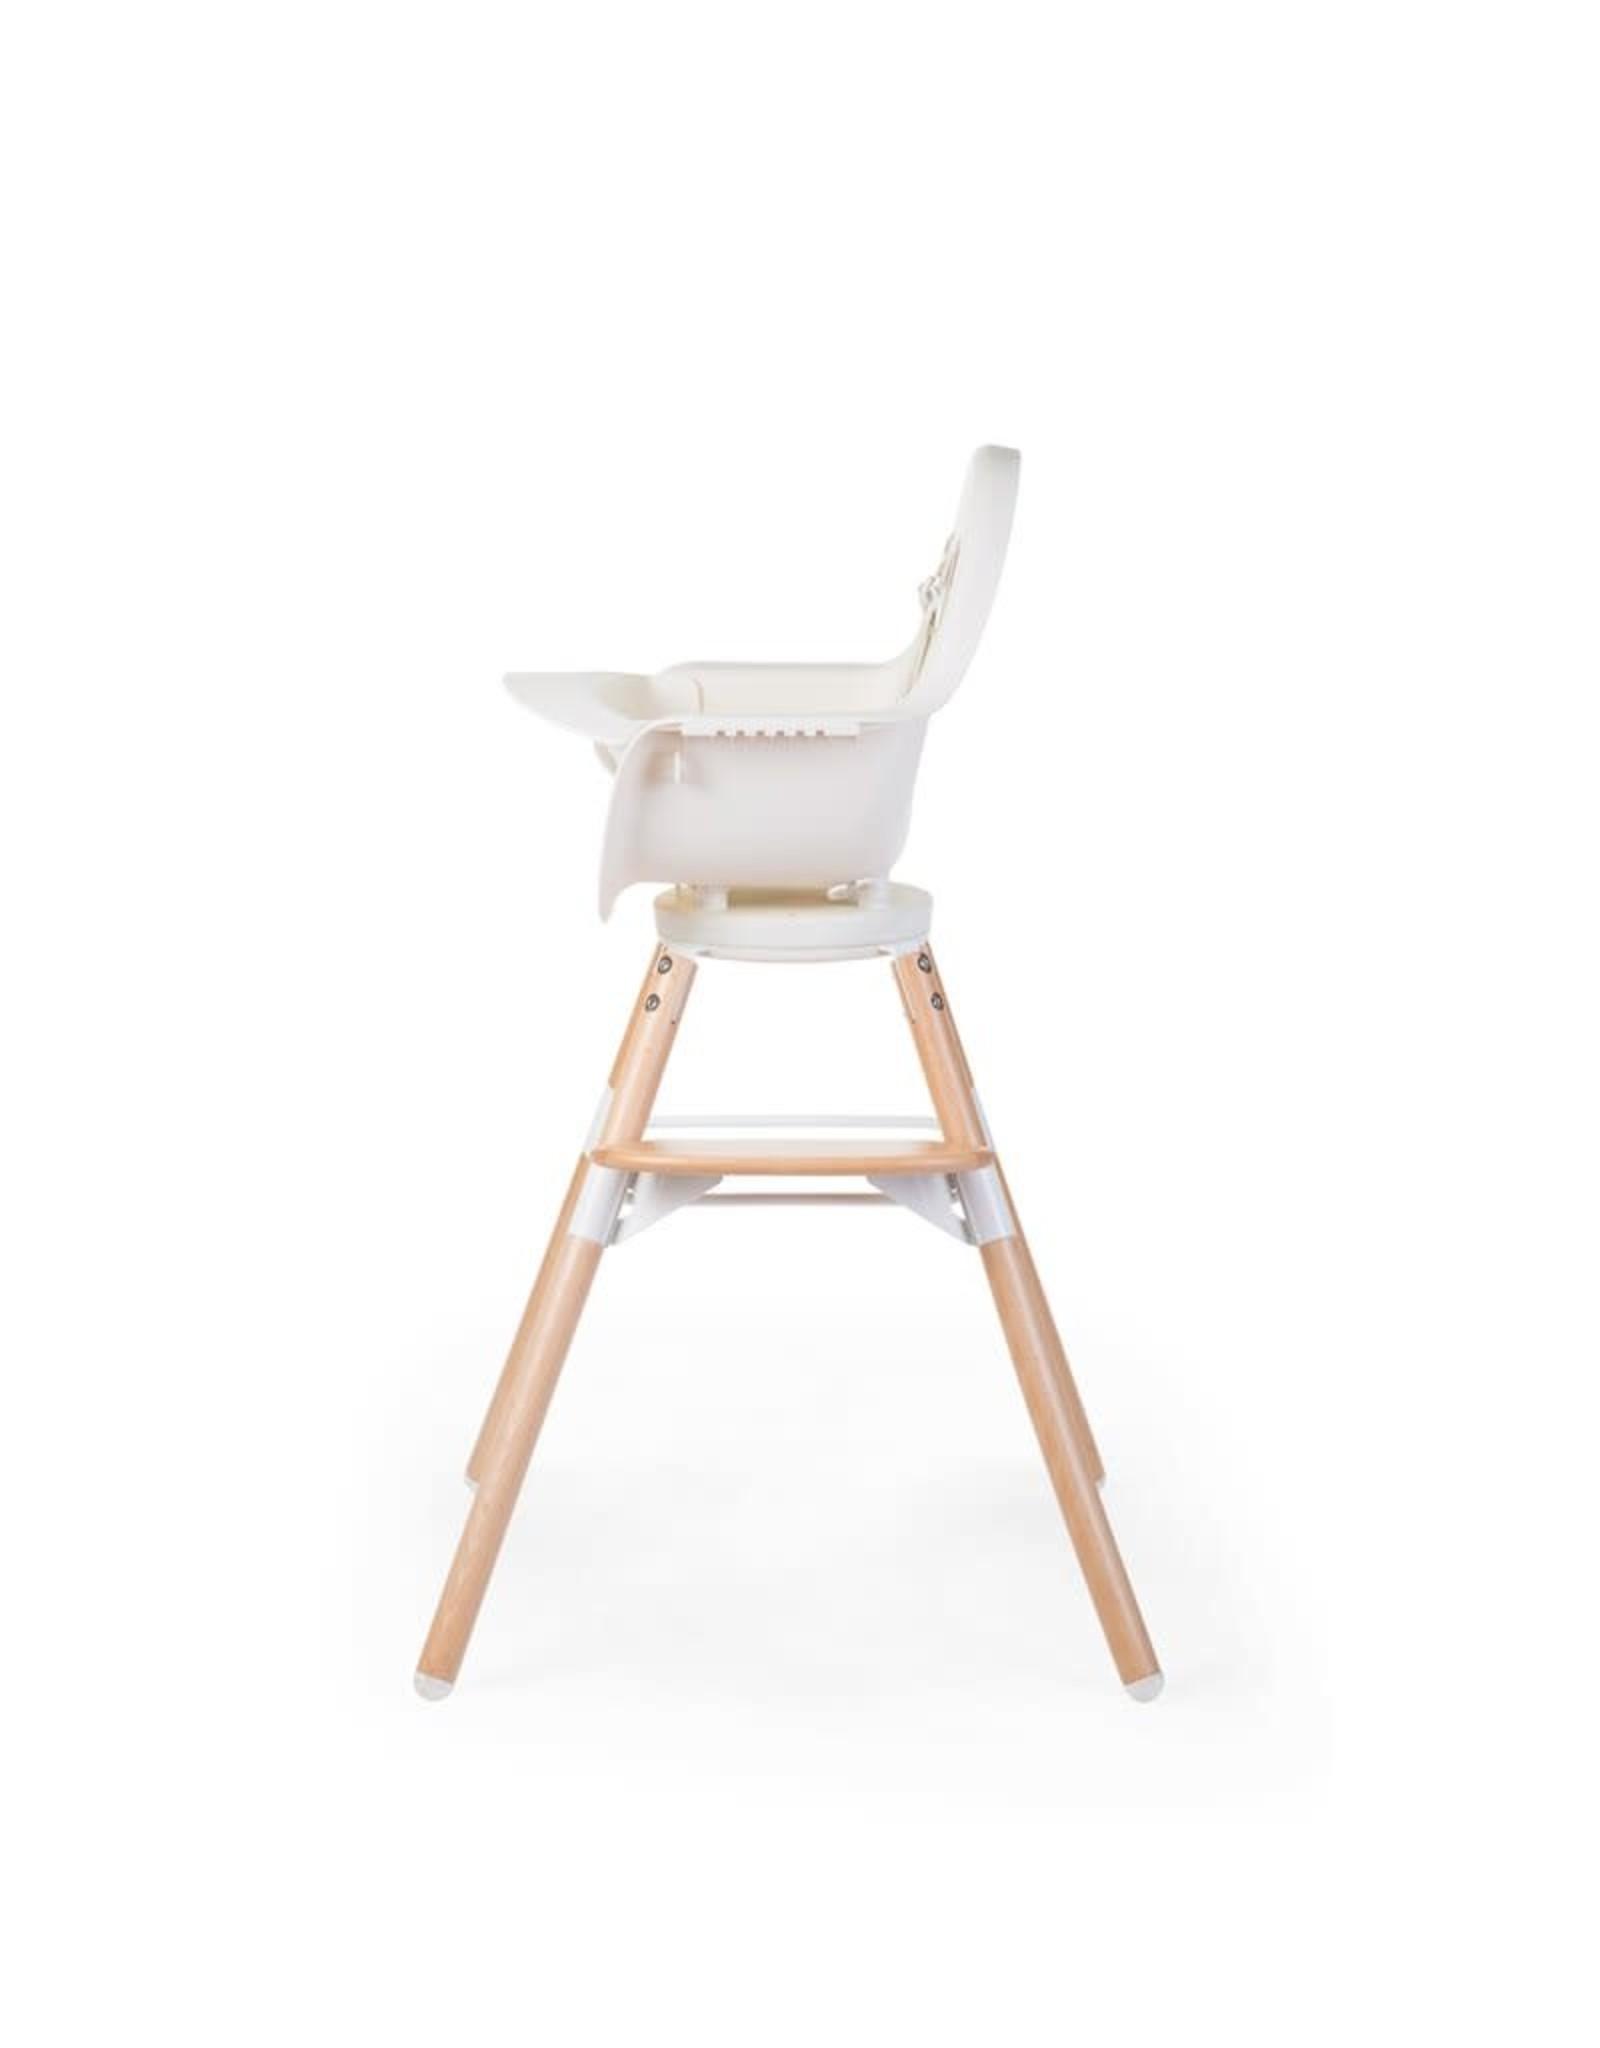 Childhome Childhome Evolu One.80° Kinderstoel - Verstelbaar In Hoogte (50-75 Cm/*90 Cm) - Naturel Wit